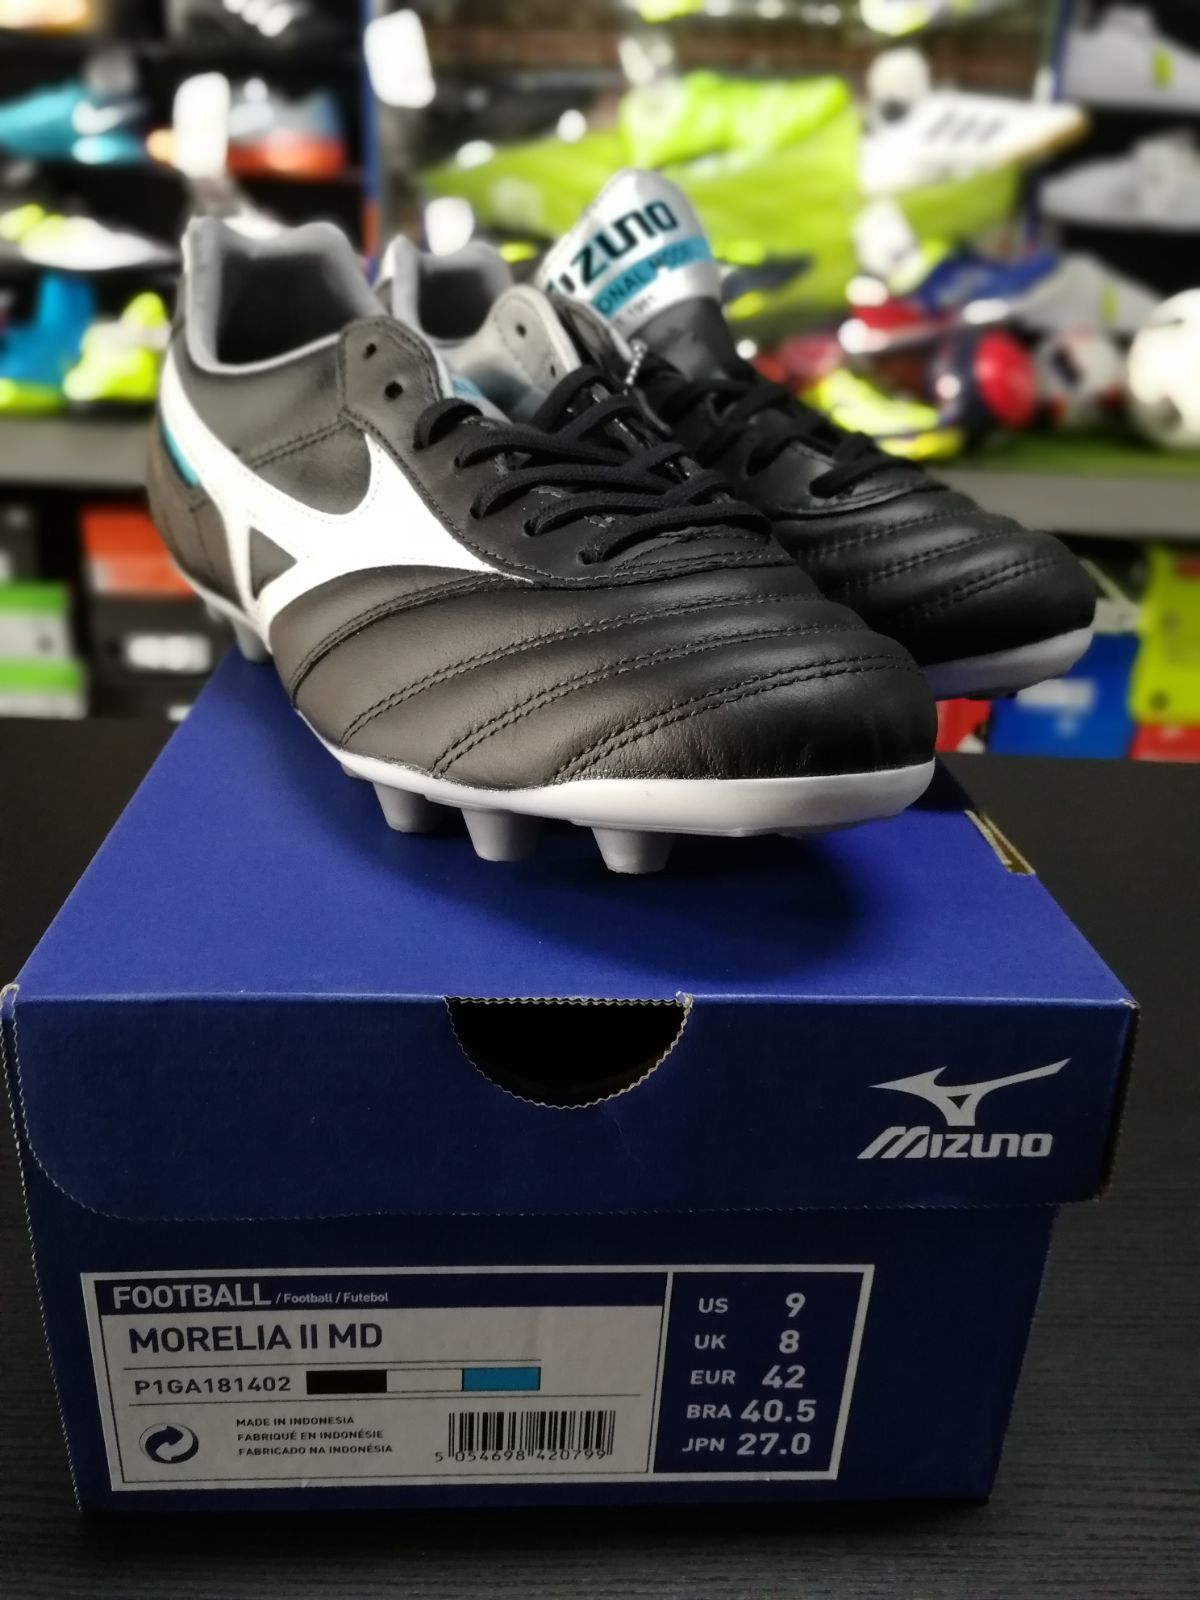 Football-shoes-Mizuno-Scarpe-Calcio-Morelia-II-MD-FG-Nero-2018-Pelle-di-cangur miniatura 4